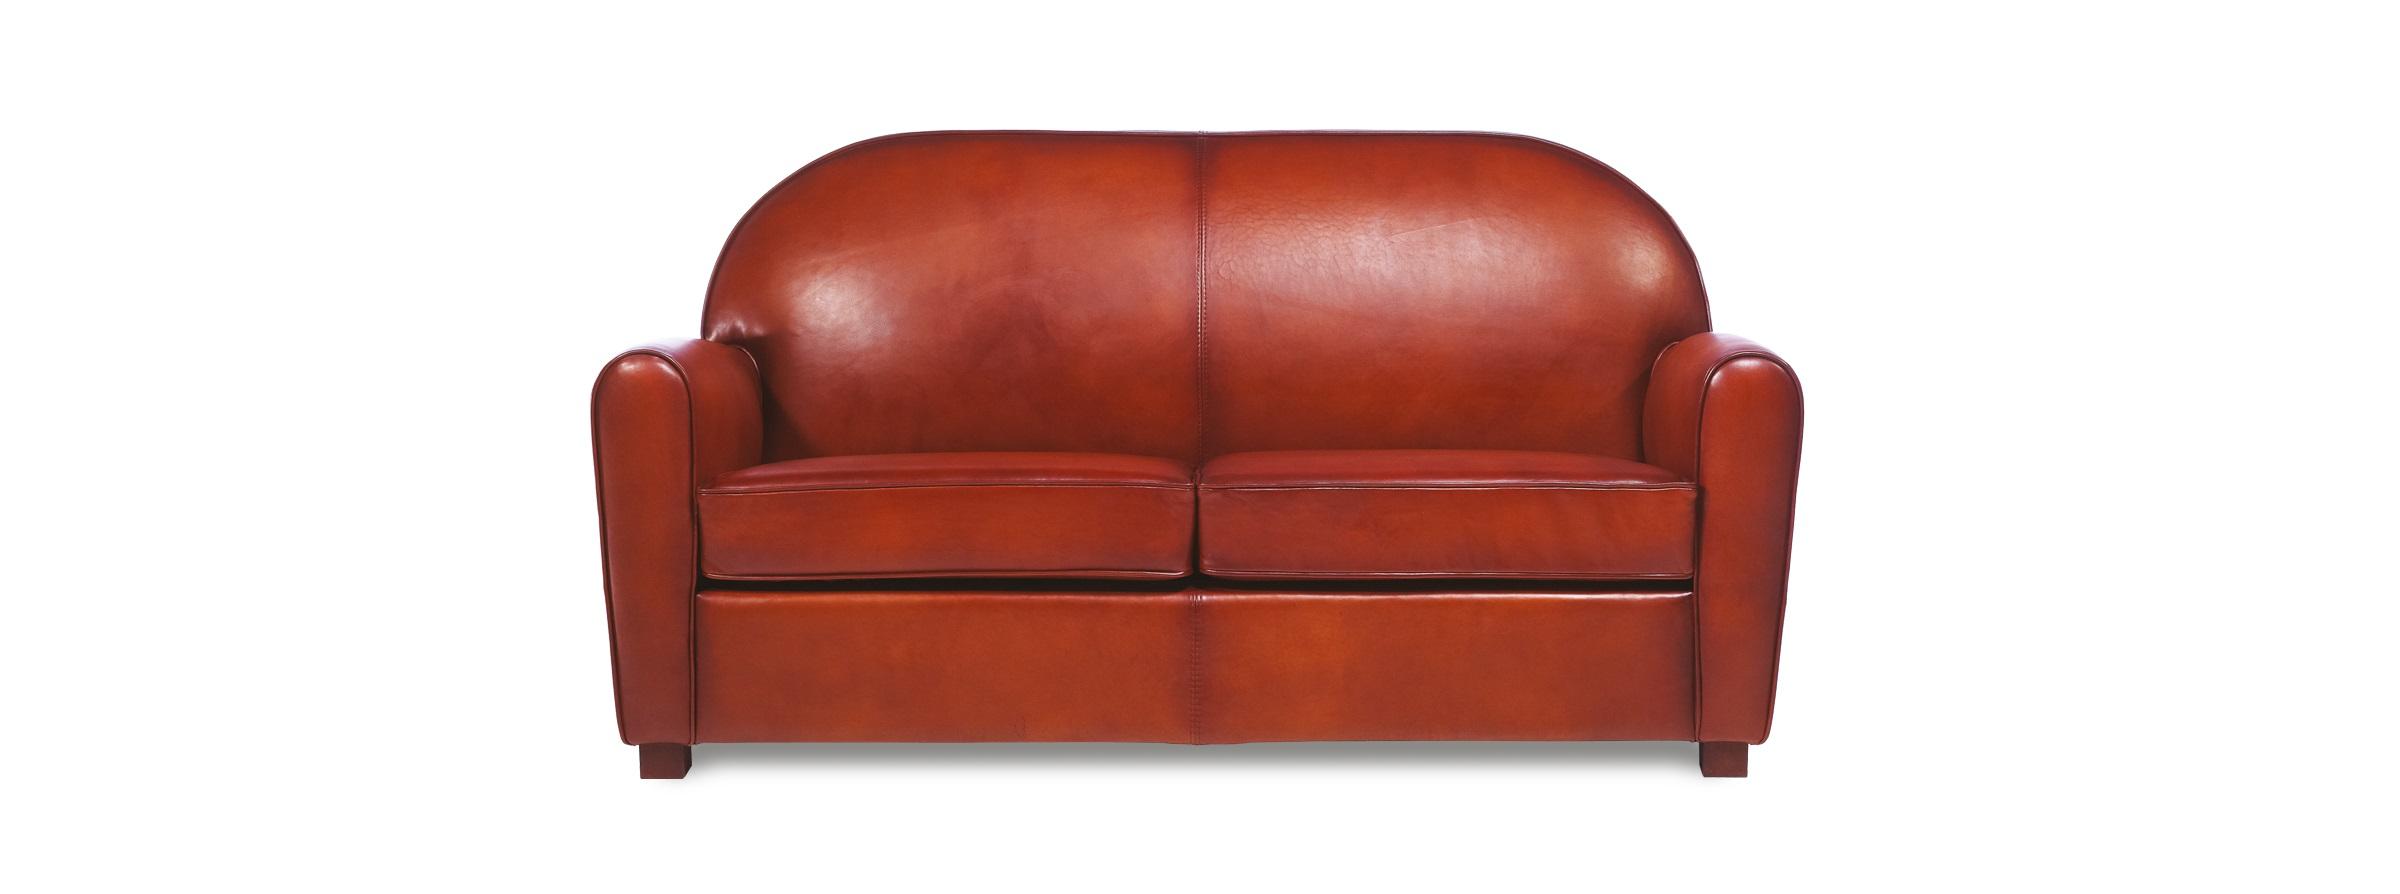 Neology-CLAYTON-canapé-cuir-pleine-fleur-convertible-made-in-france-petit-encombrement-personnalisable